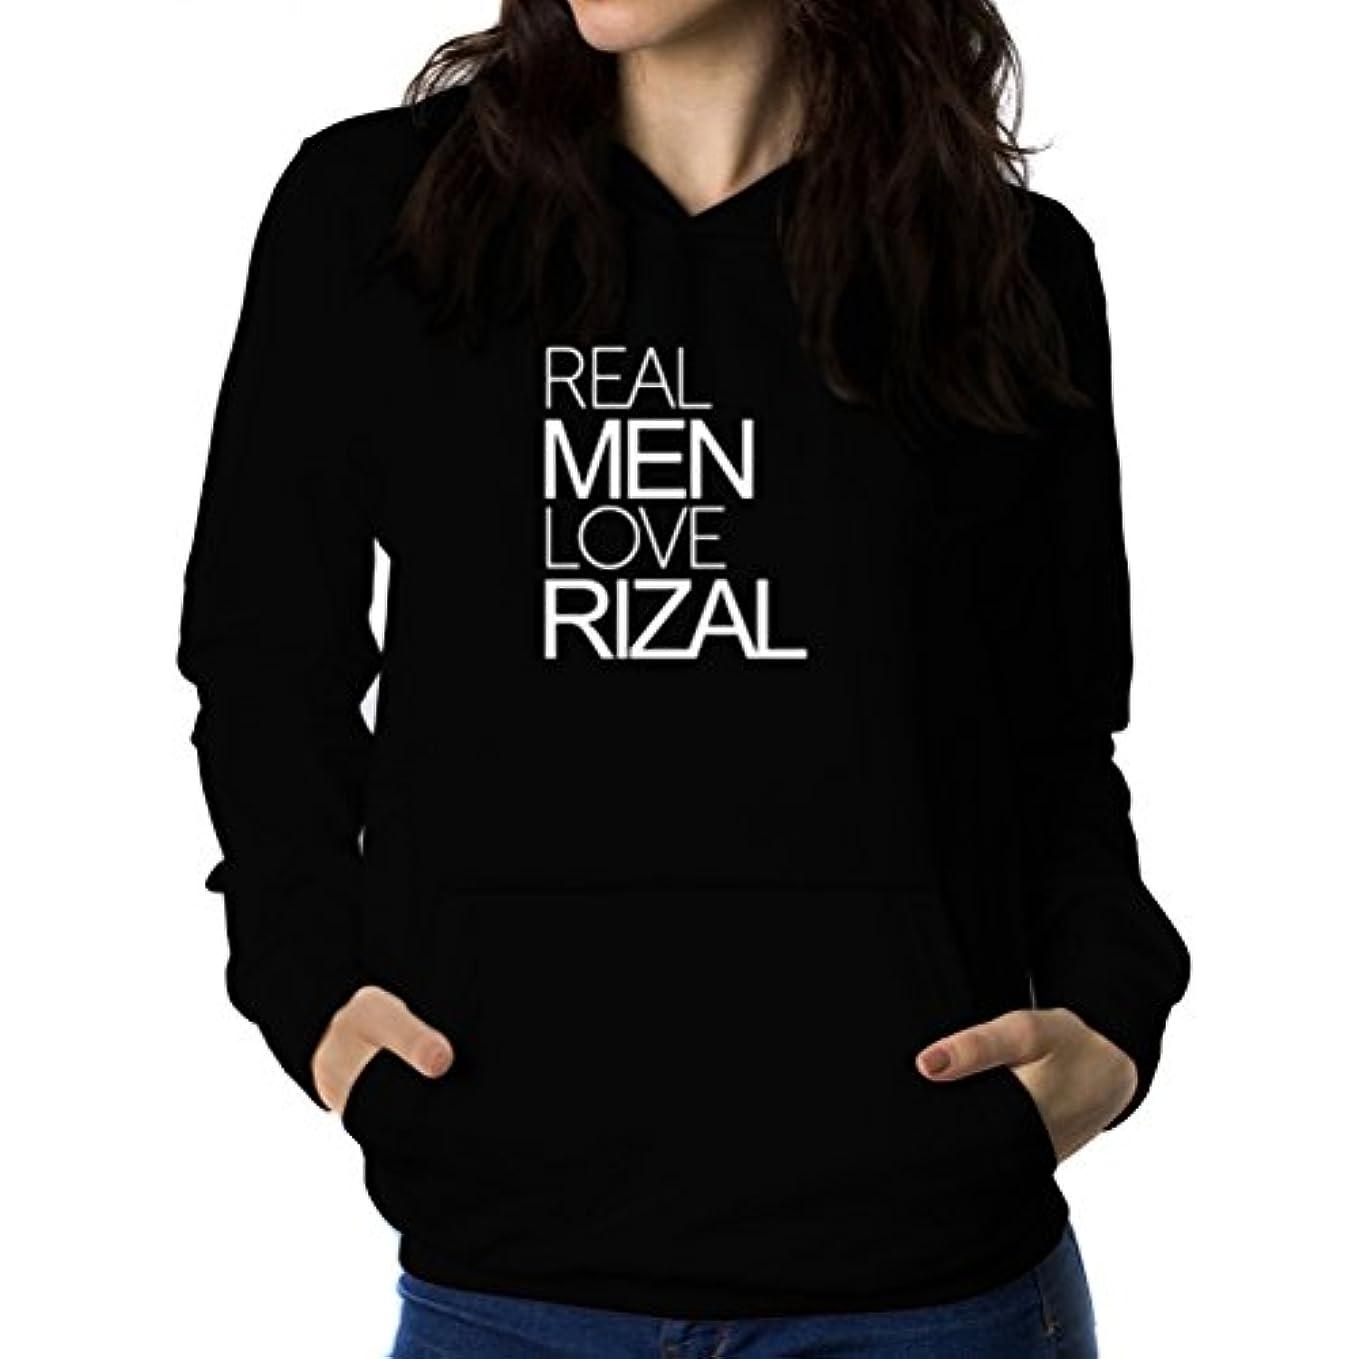 蓮兵器庫担保Real men love Rizal 女性 フーディー